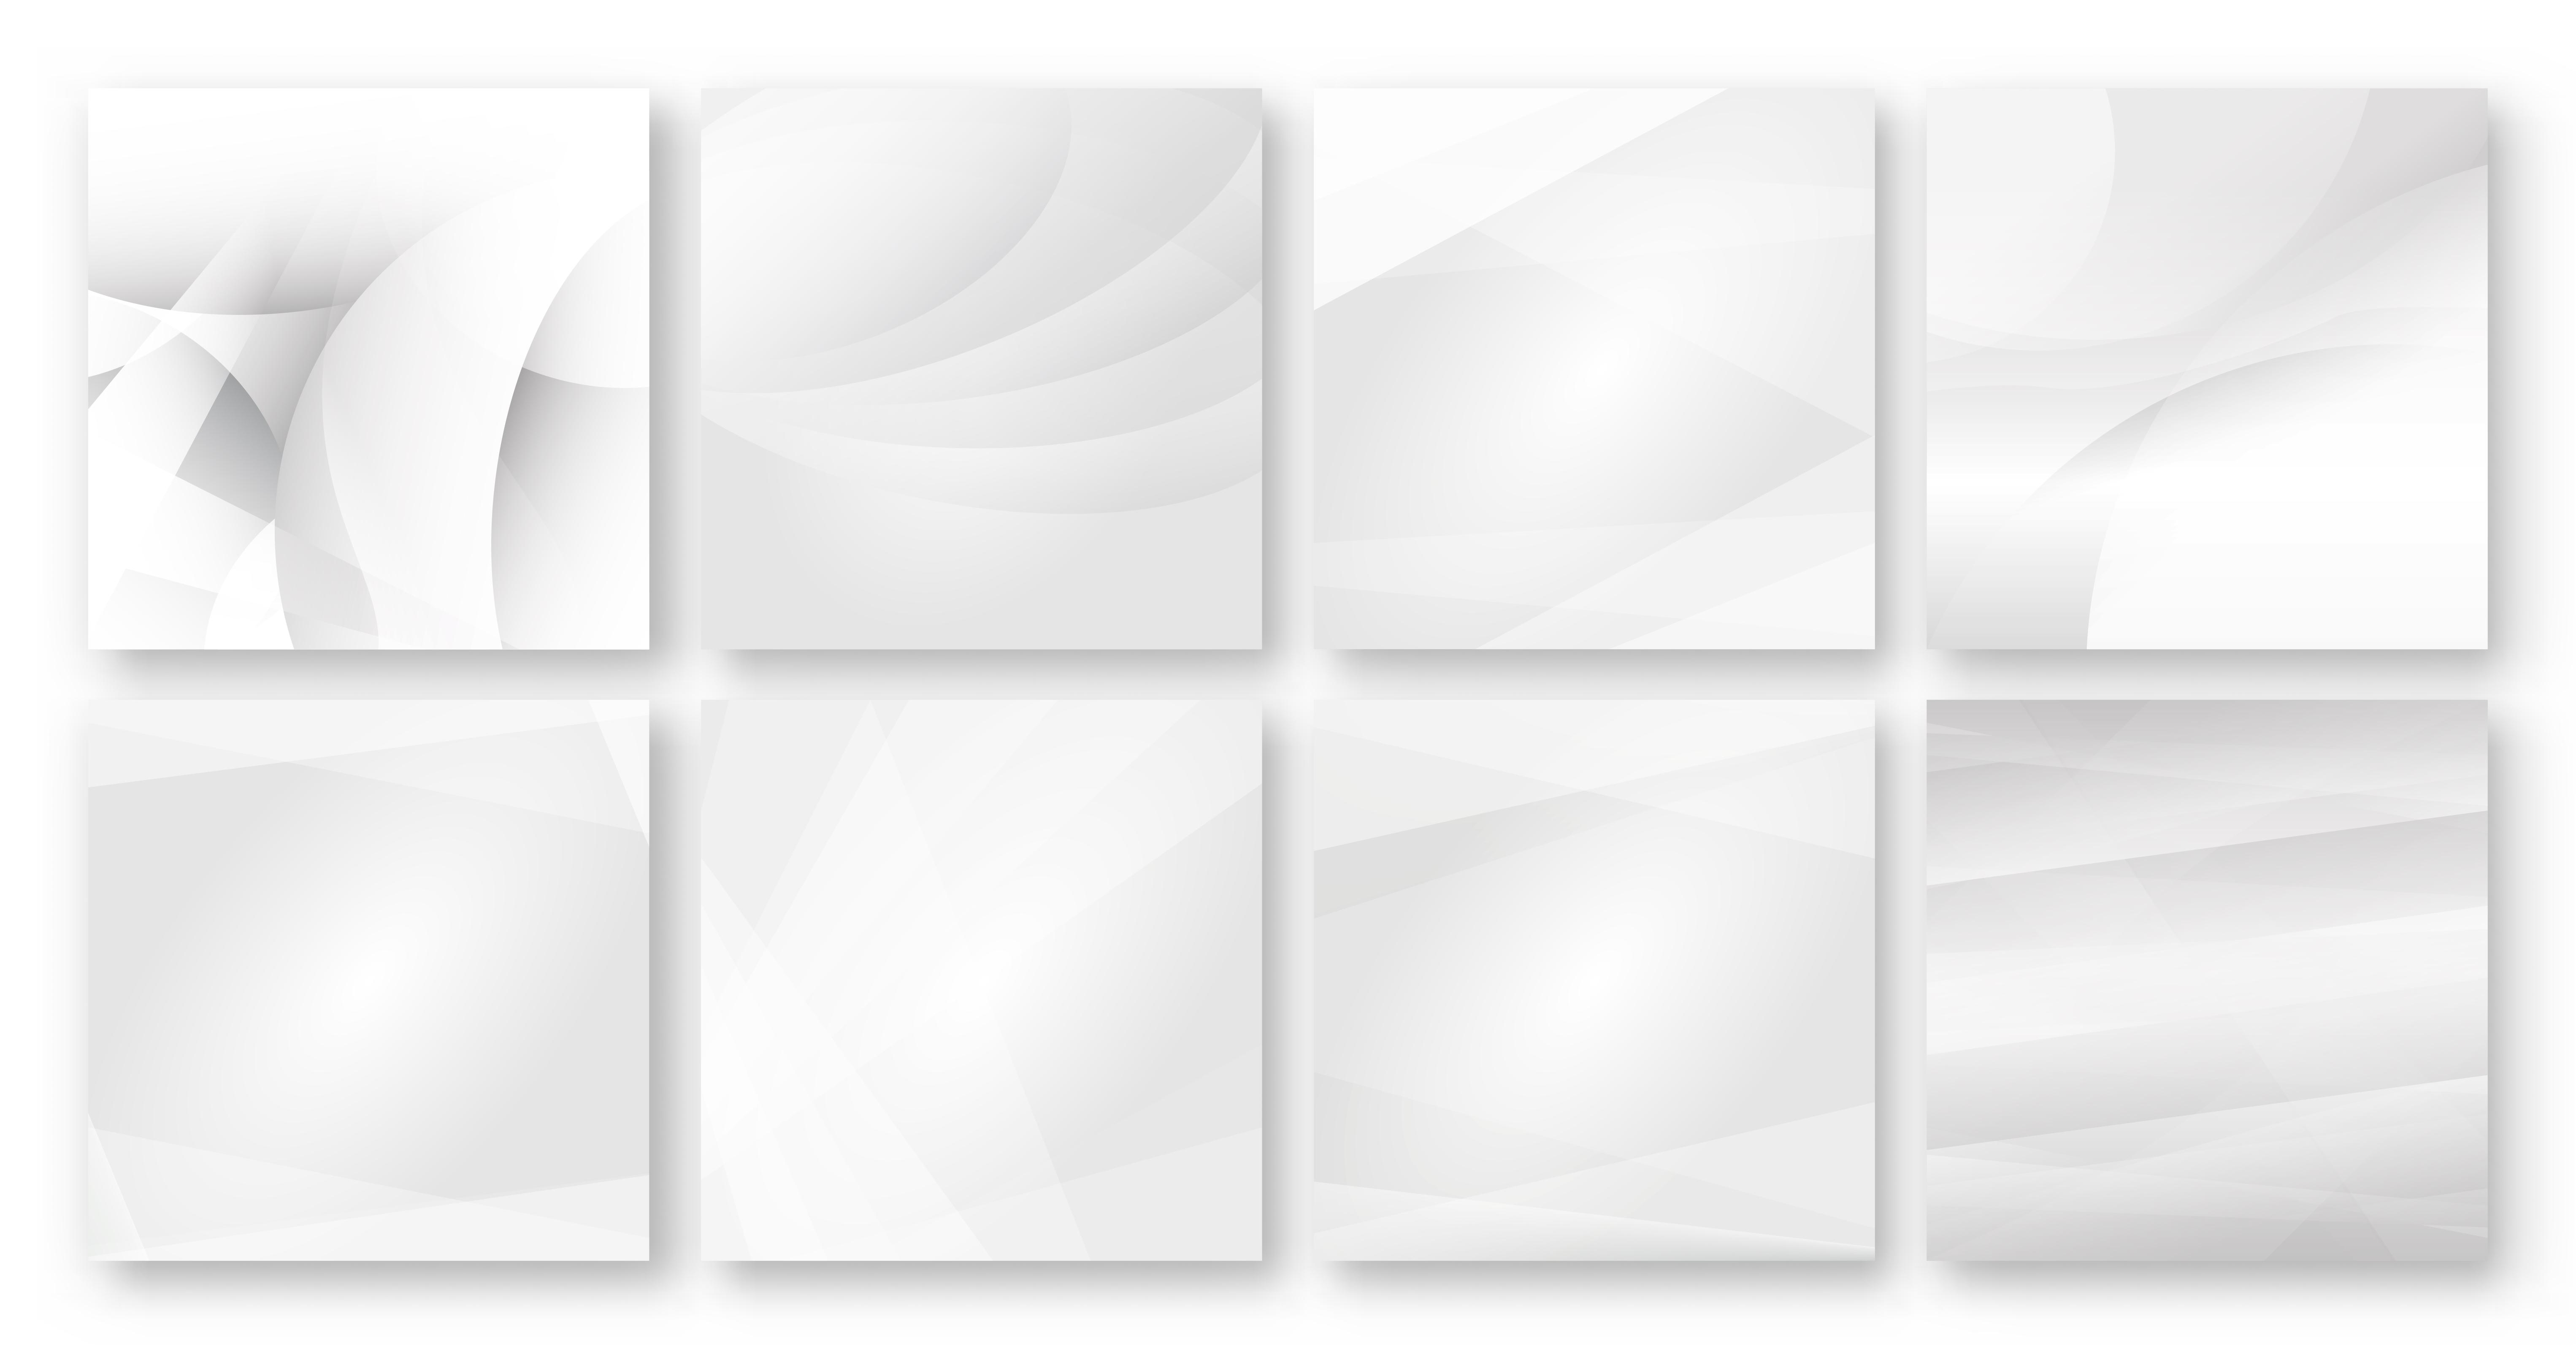 Abstrait Courbe Grise Modele Vectoriel De Presentation Fond D 39 Ecran Pour Banniere De Telephone Portable Ordinateur Portable Et Web Illustration En Ton Noir Et Blanc Telecharger Vectoriel Gratuit Clipart Graphique Vecteur Dessins